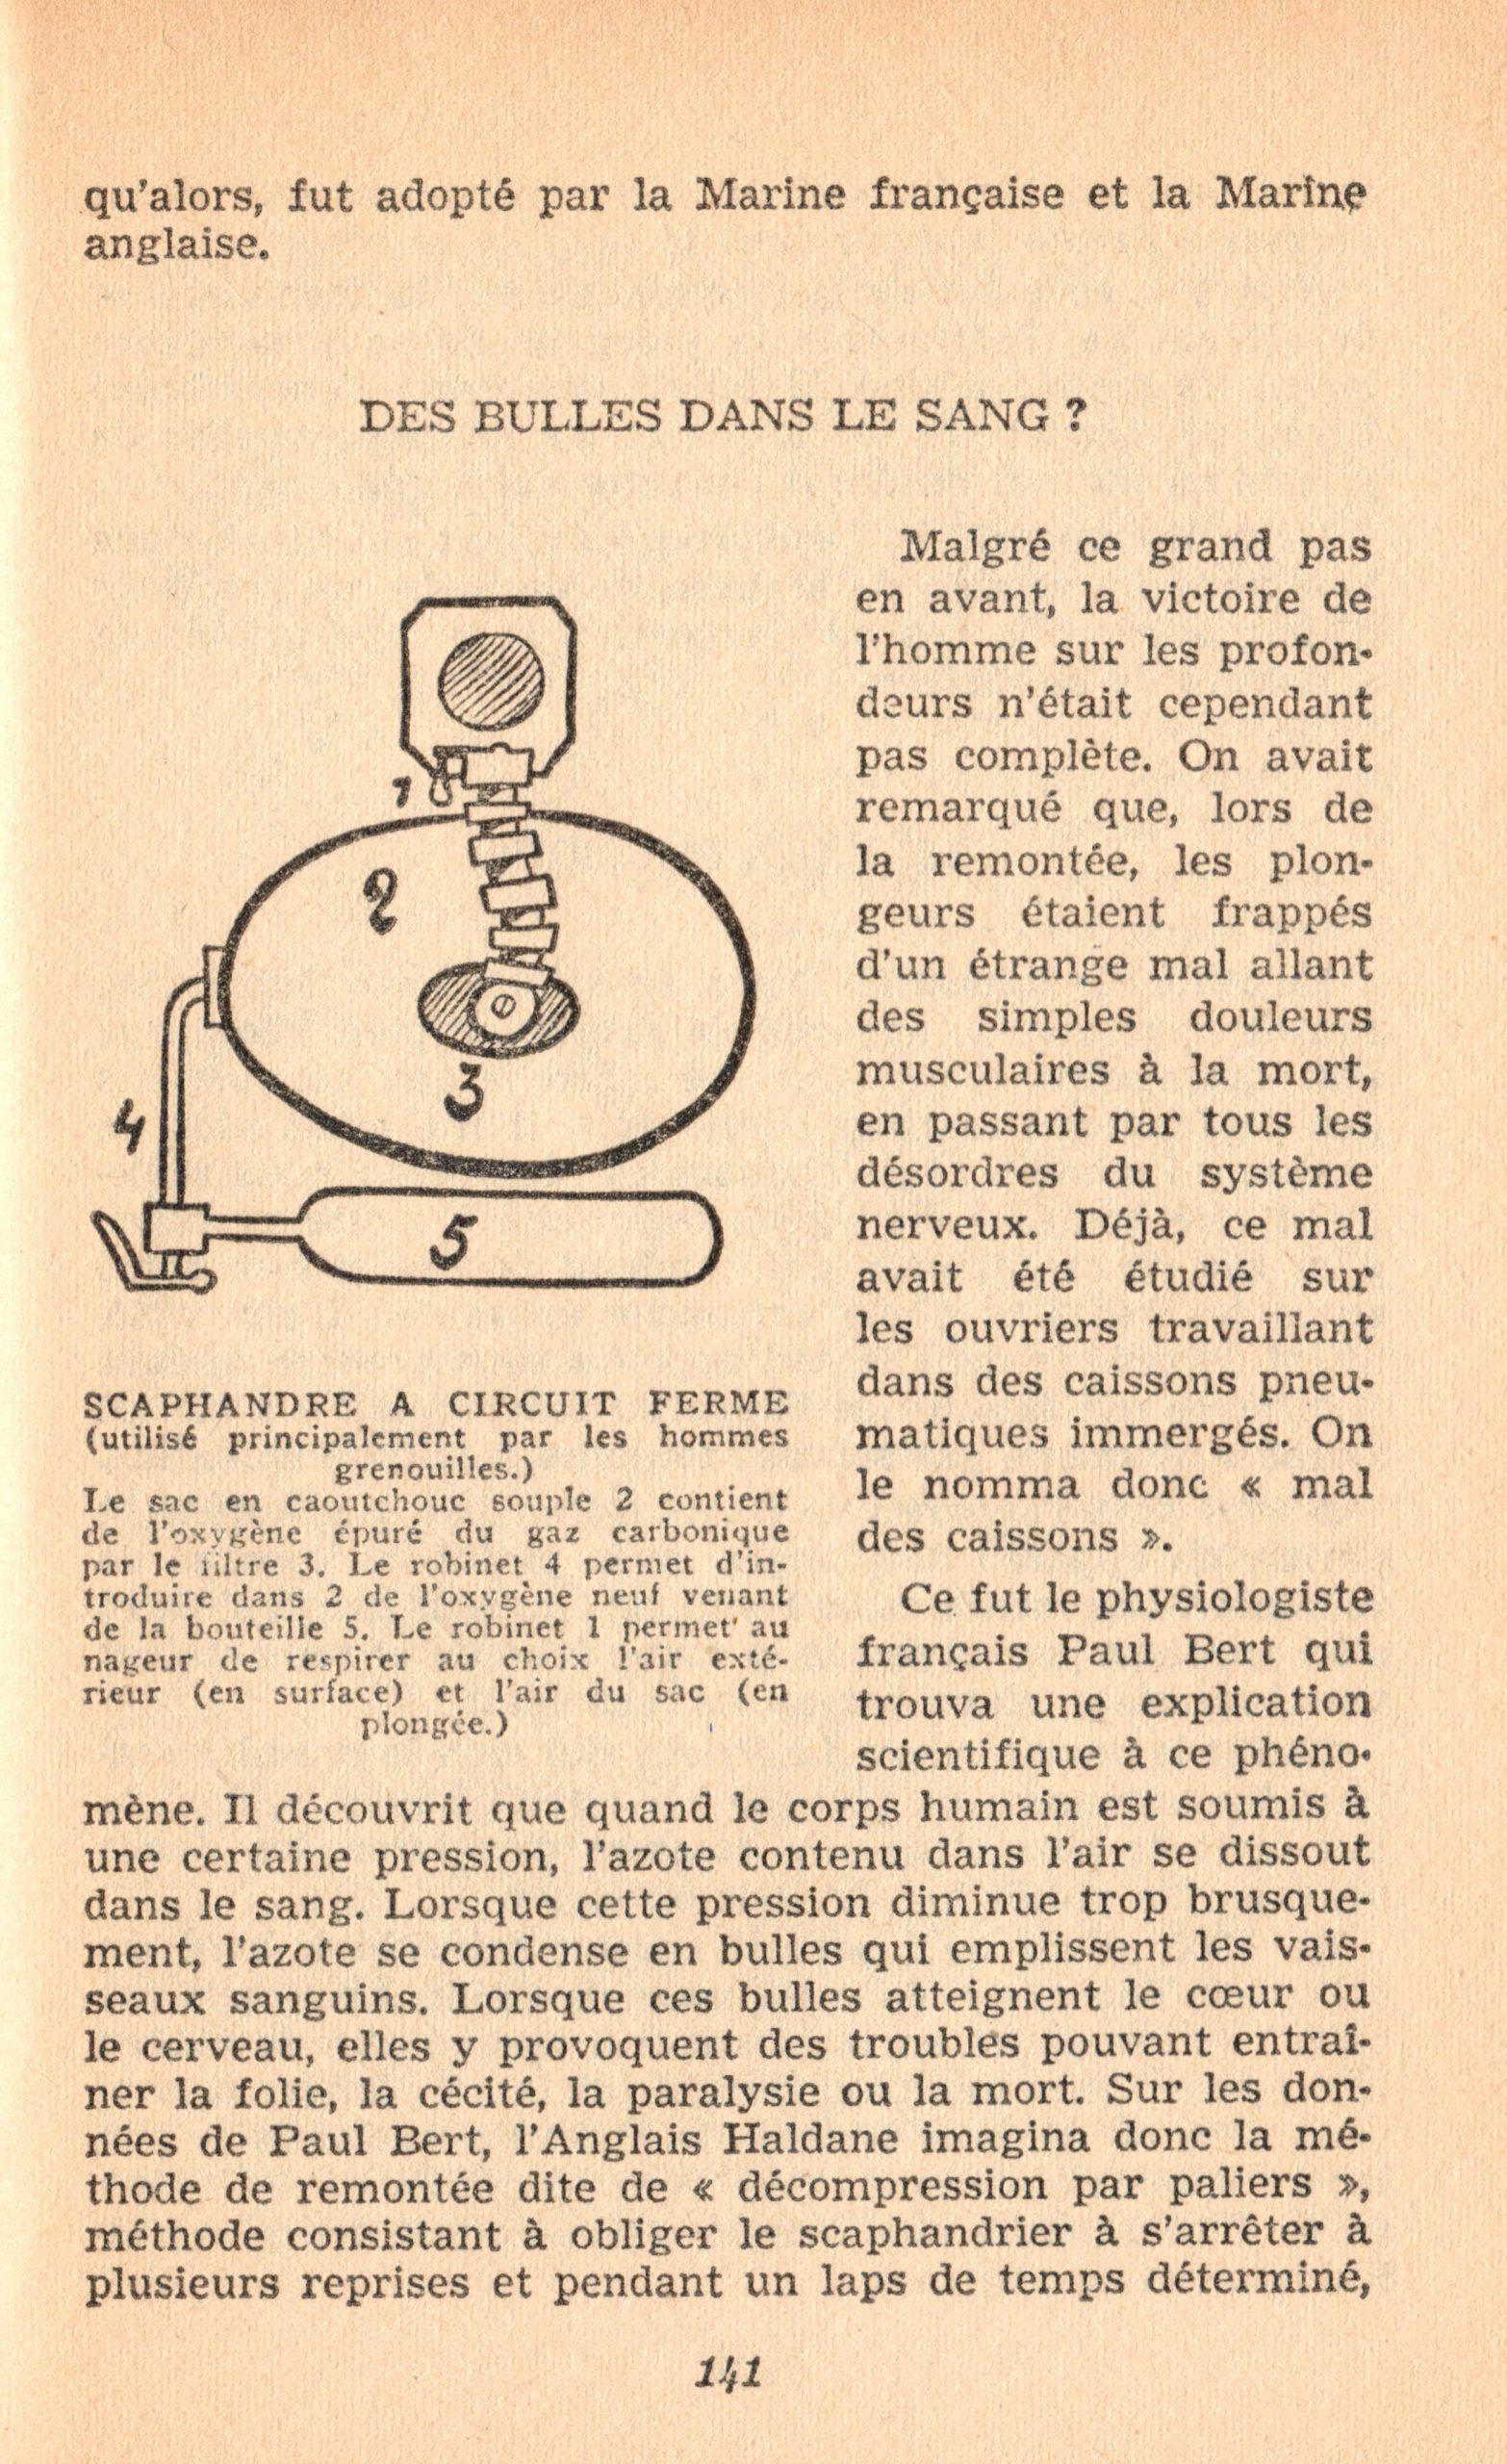 p141, La conquête des fonds sous-marins, marabout chercheur